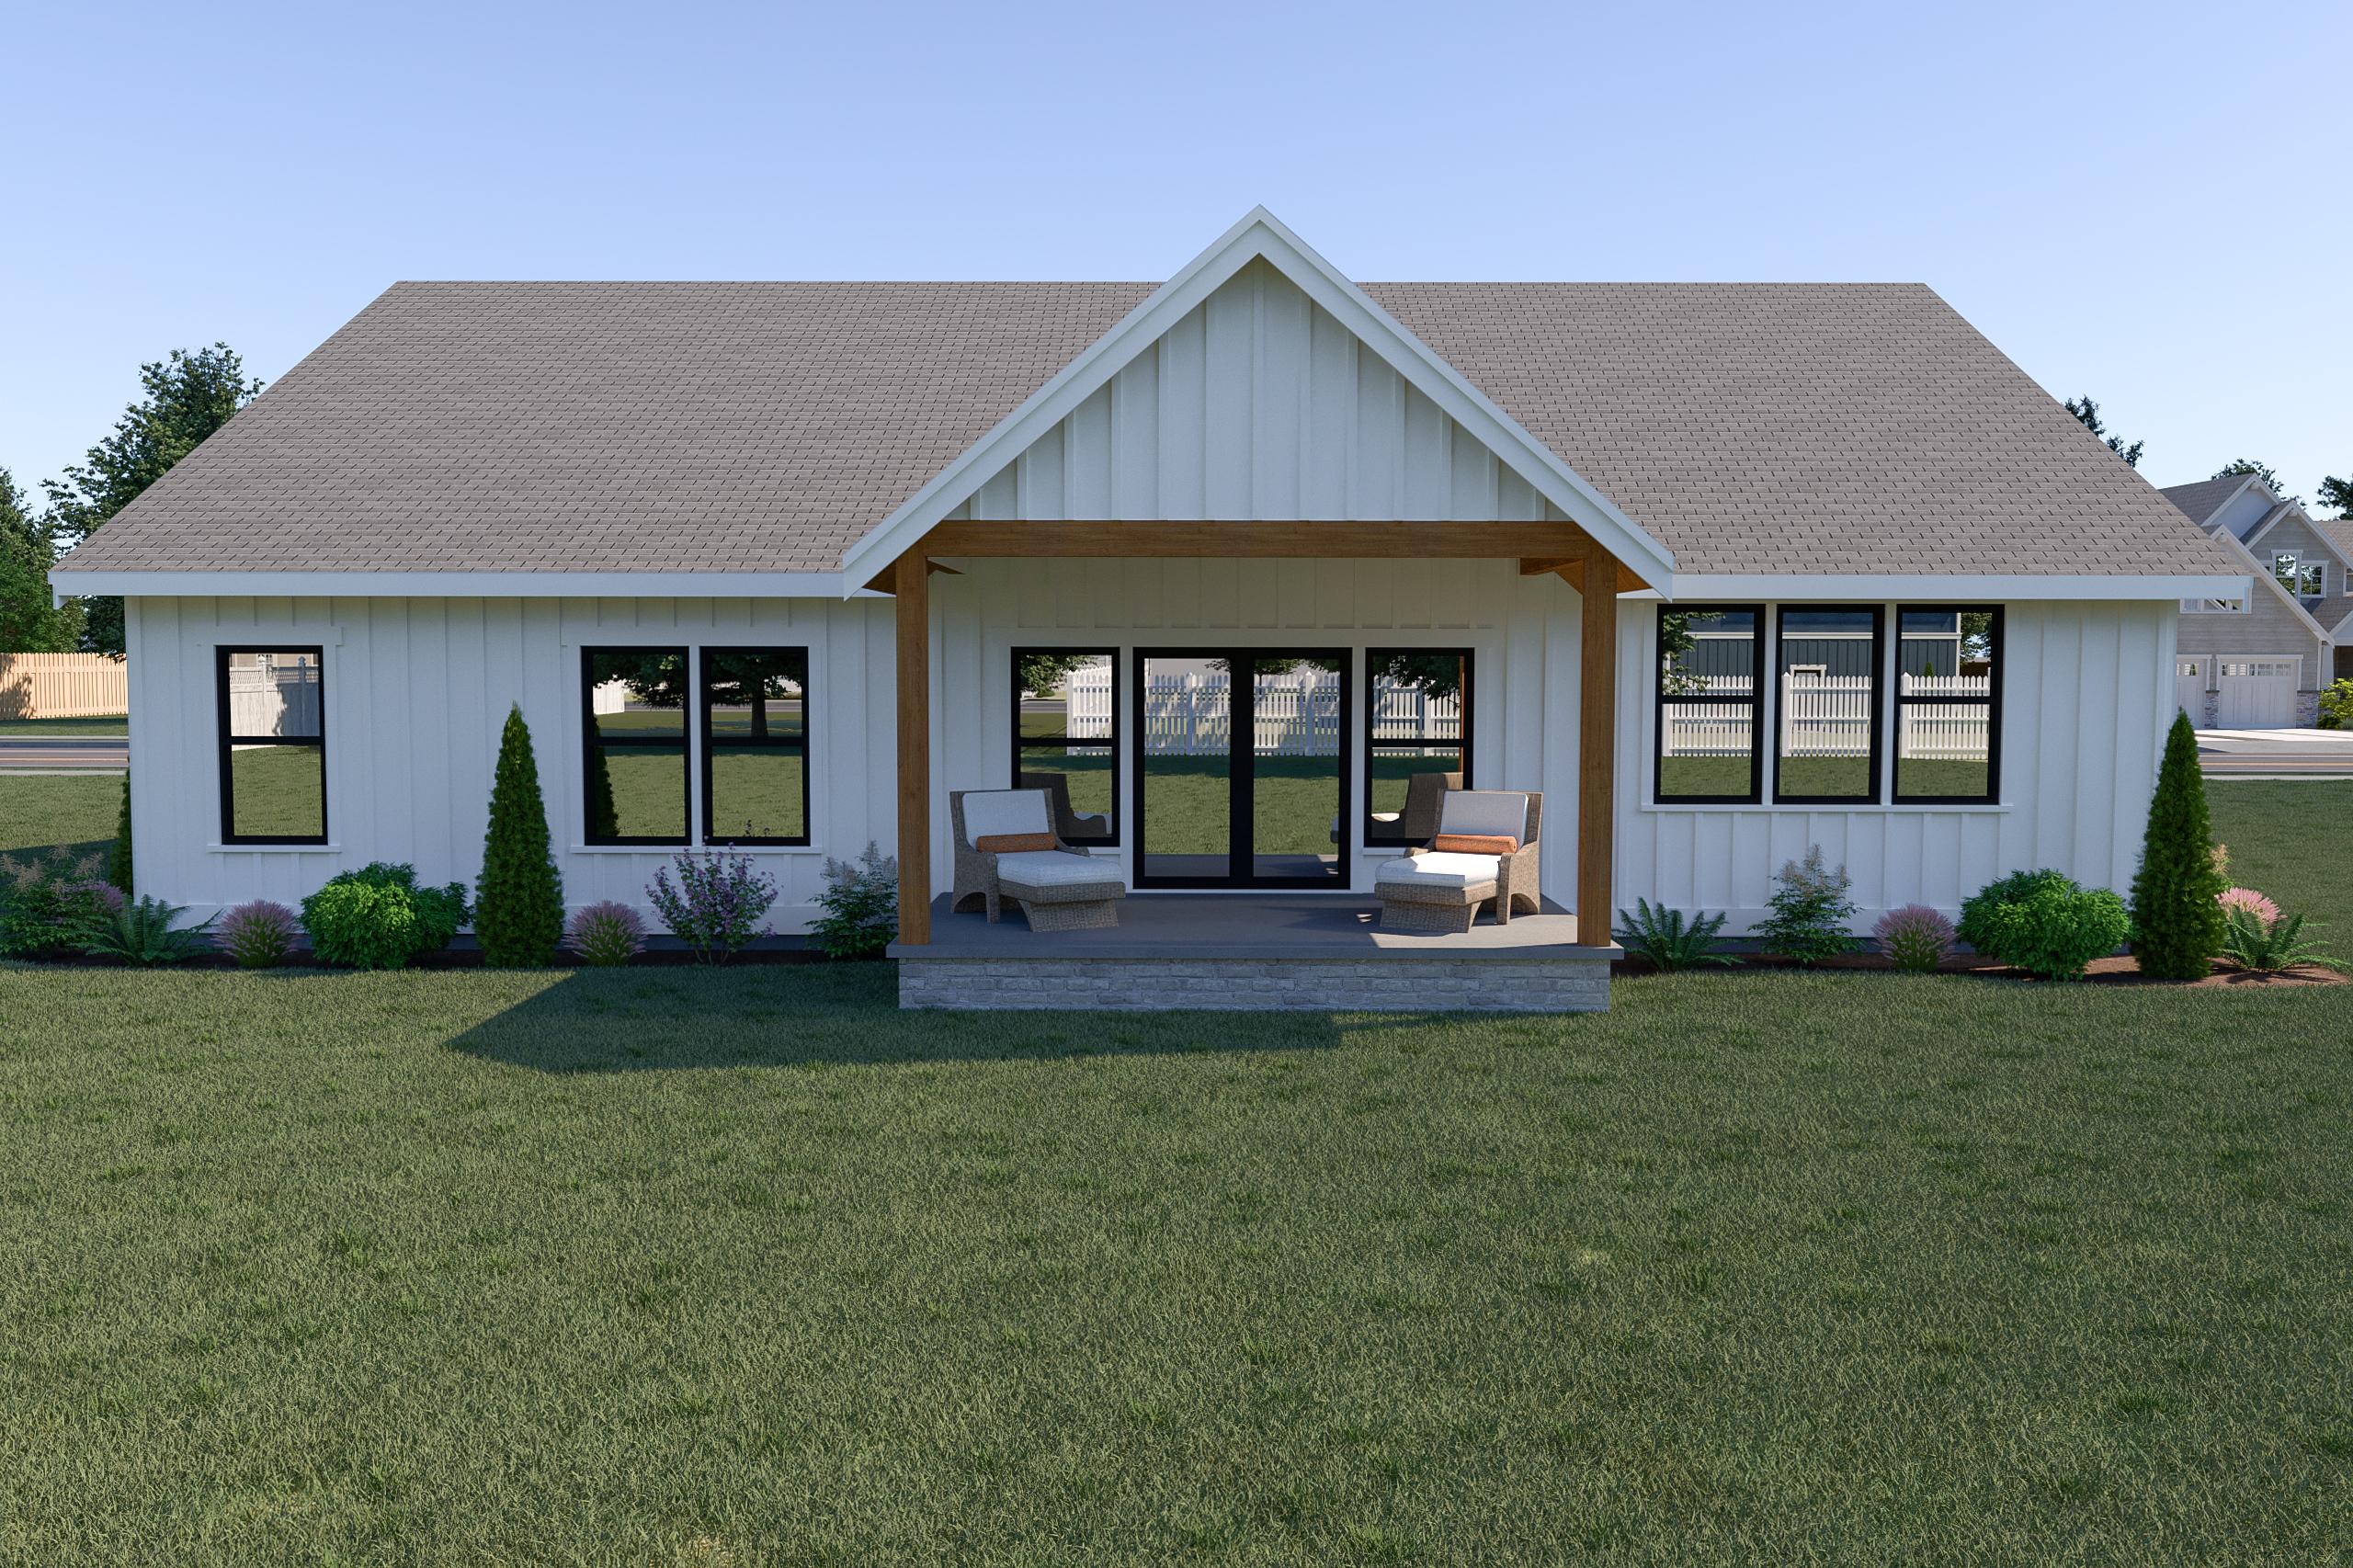 Contemporary Farmhouse 823